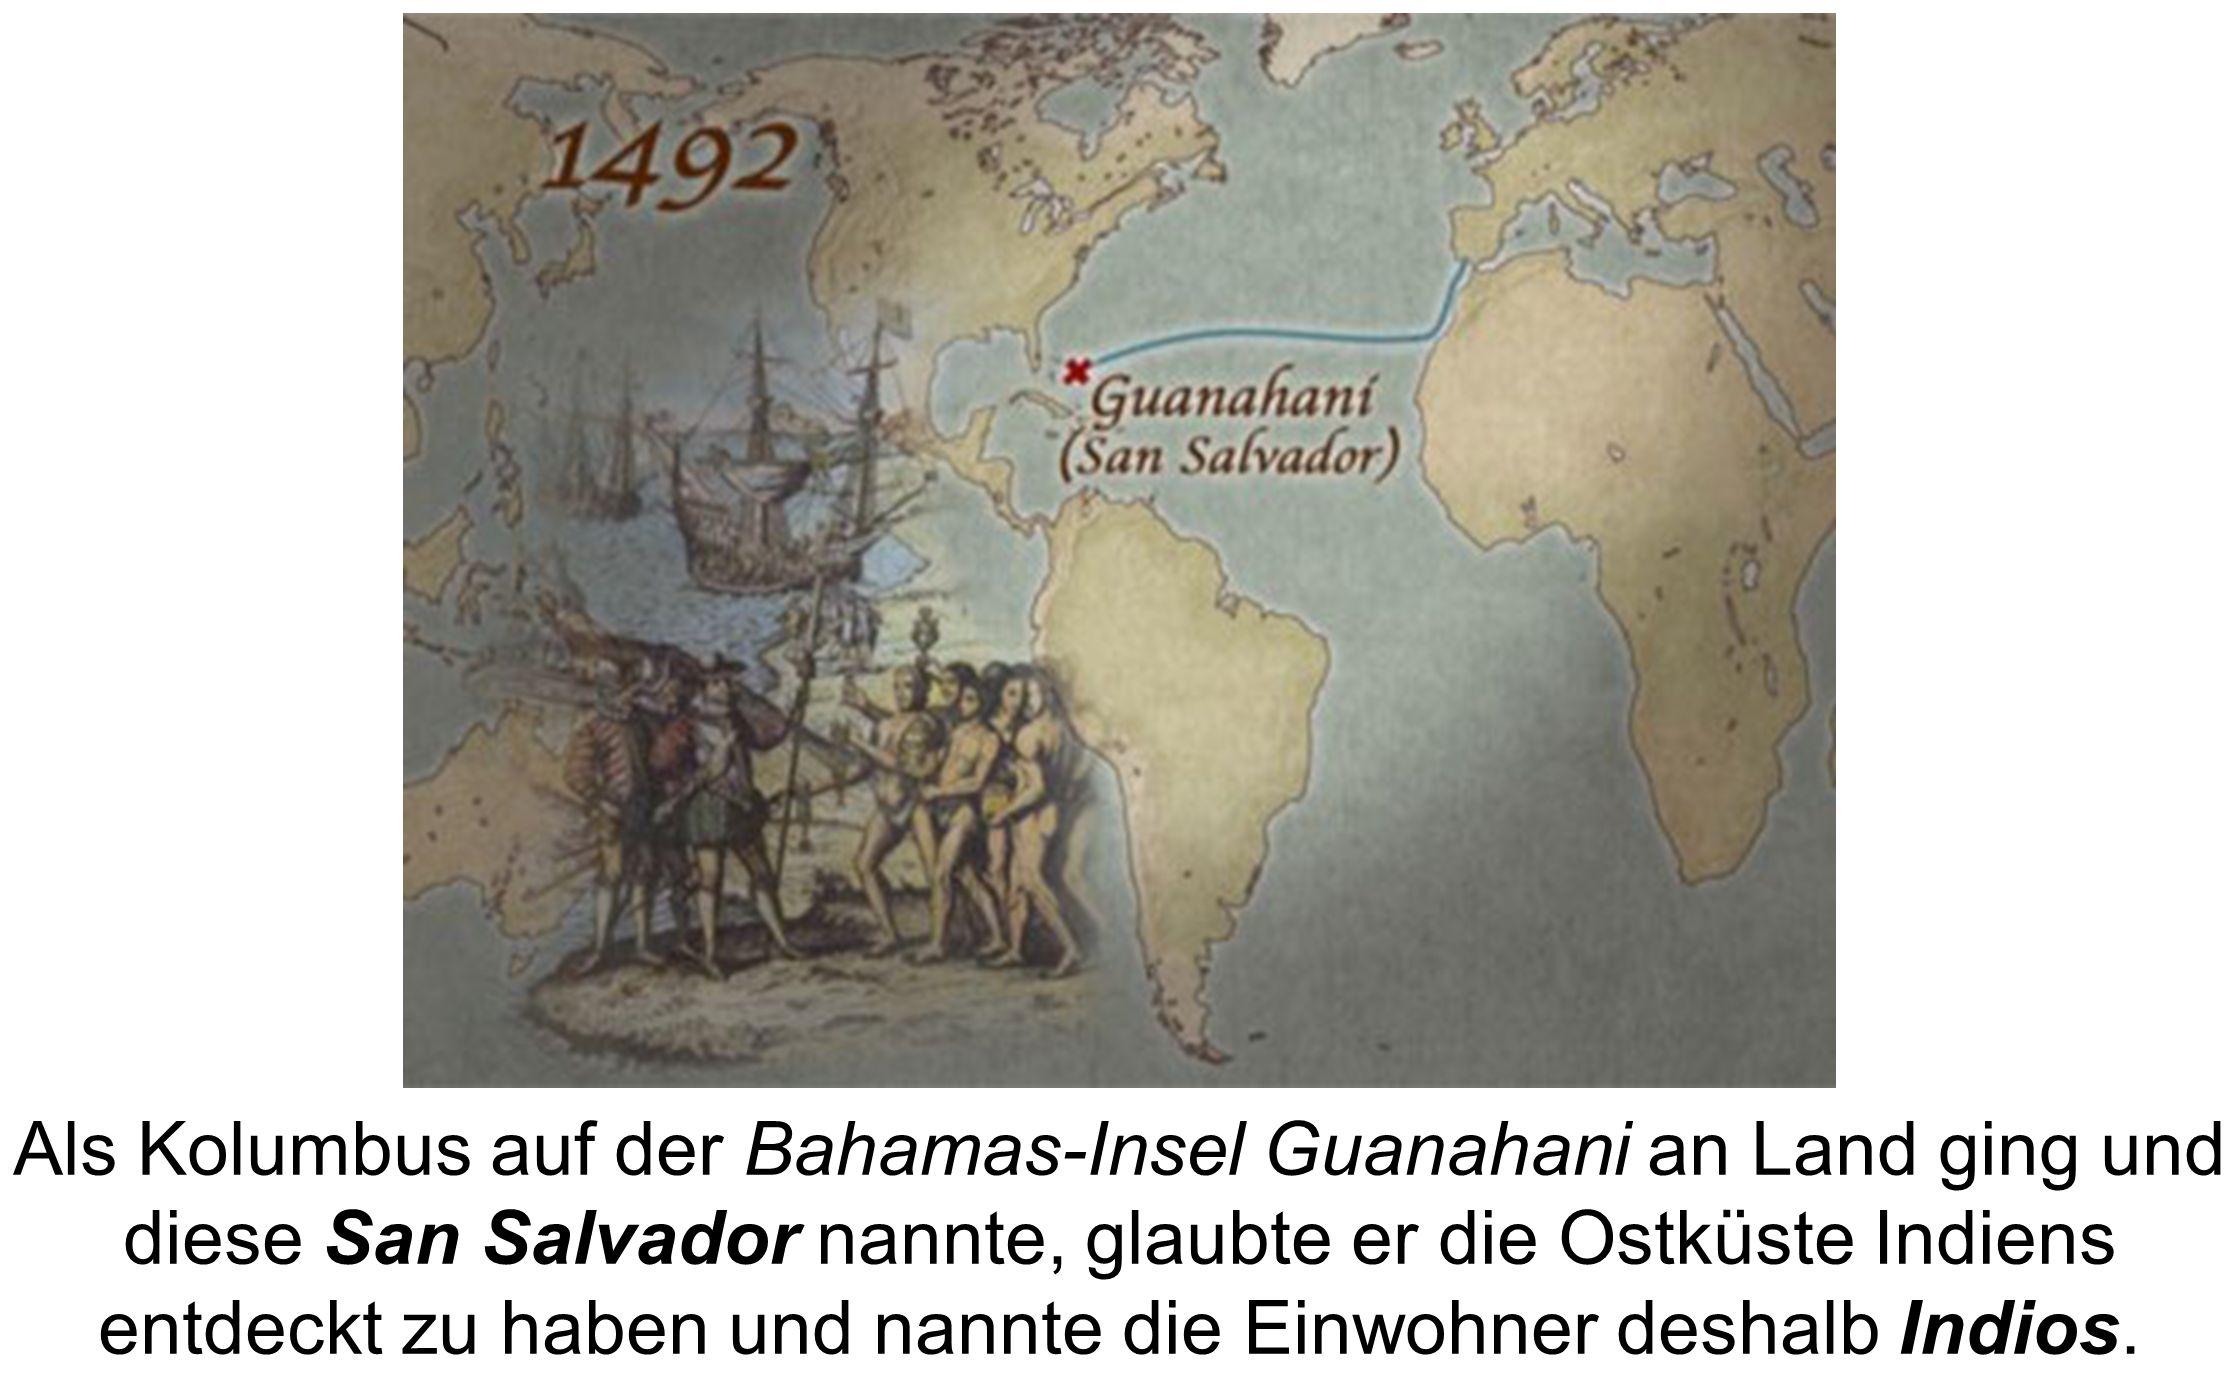 Als Kolumbus auf der Bahamas-Insel Guanahani an Land ging und diese San Salvador nannte, glaubte er die Ostküste Indiens entdeckt zu haben und nannte